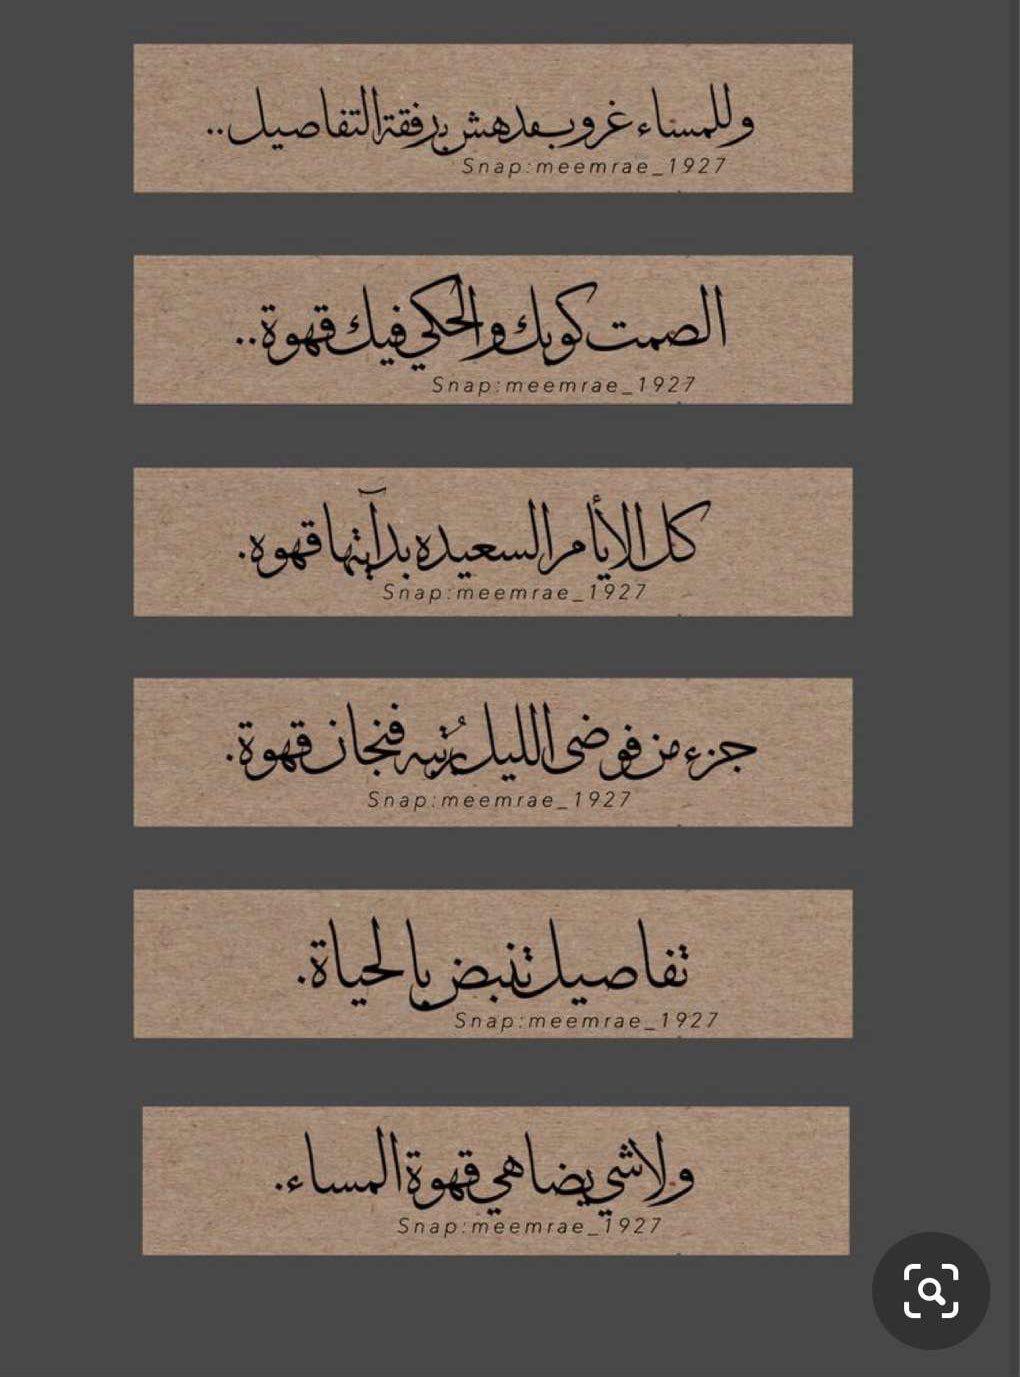 غ On Twitter Coffee Love Quotes Calligraphy Quotes Love Iphone Wallpaper Quotes Love